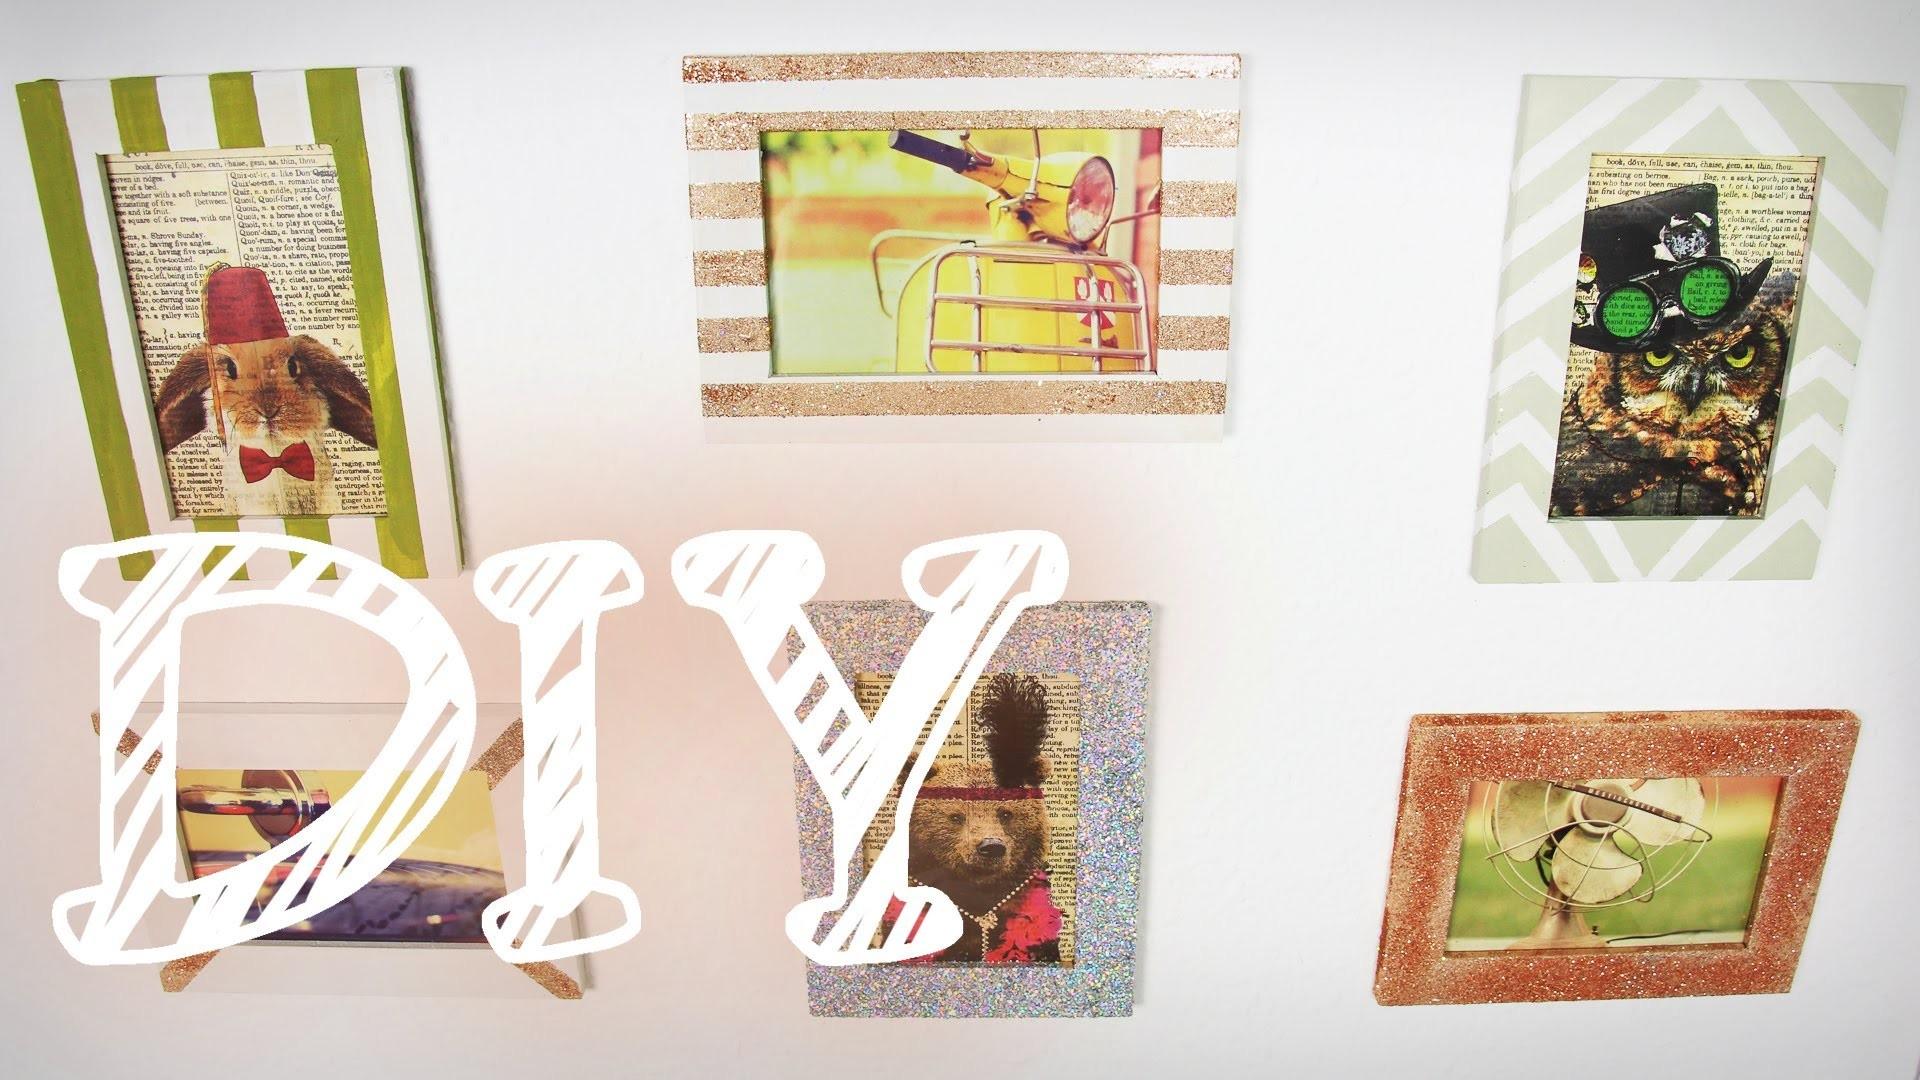 |DIY| Bilderrahmen umgestalten mit Glitzer und Acrylfarbe - super easy